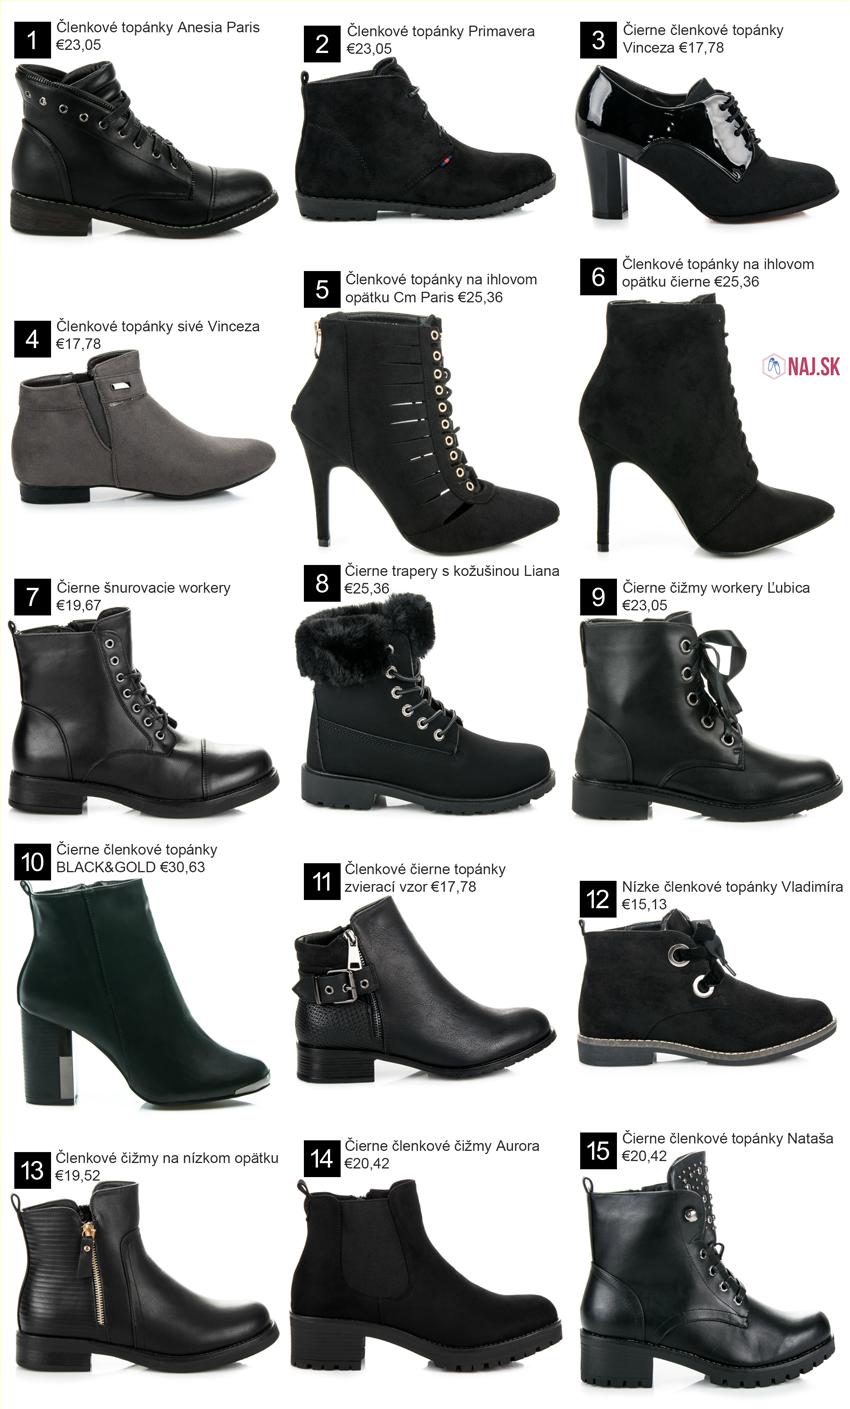 91d3b6c39 Čierne šnurovacie workery BZ8385B, Čierne trapery s kožušinou Liana, Čierne členkové  topánky BLACK&GOLD,